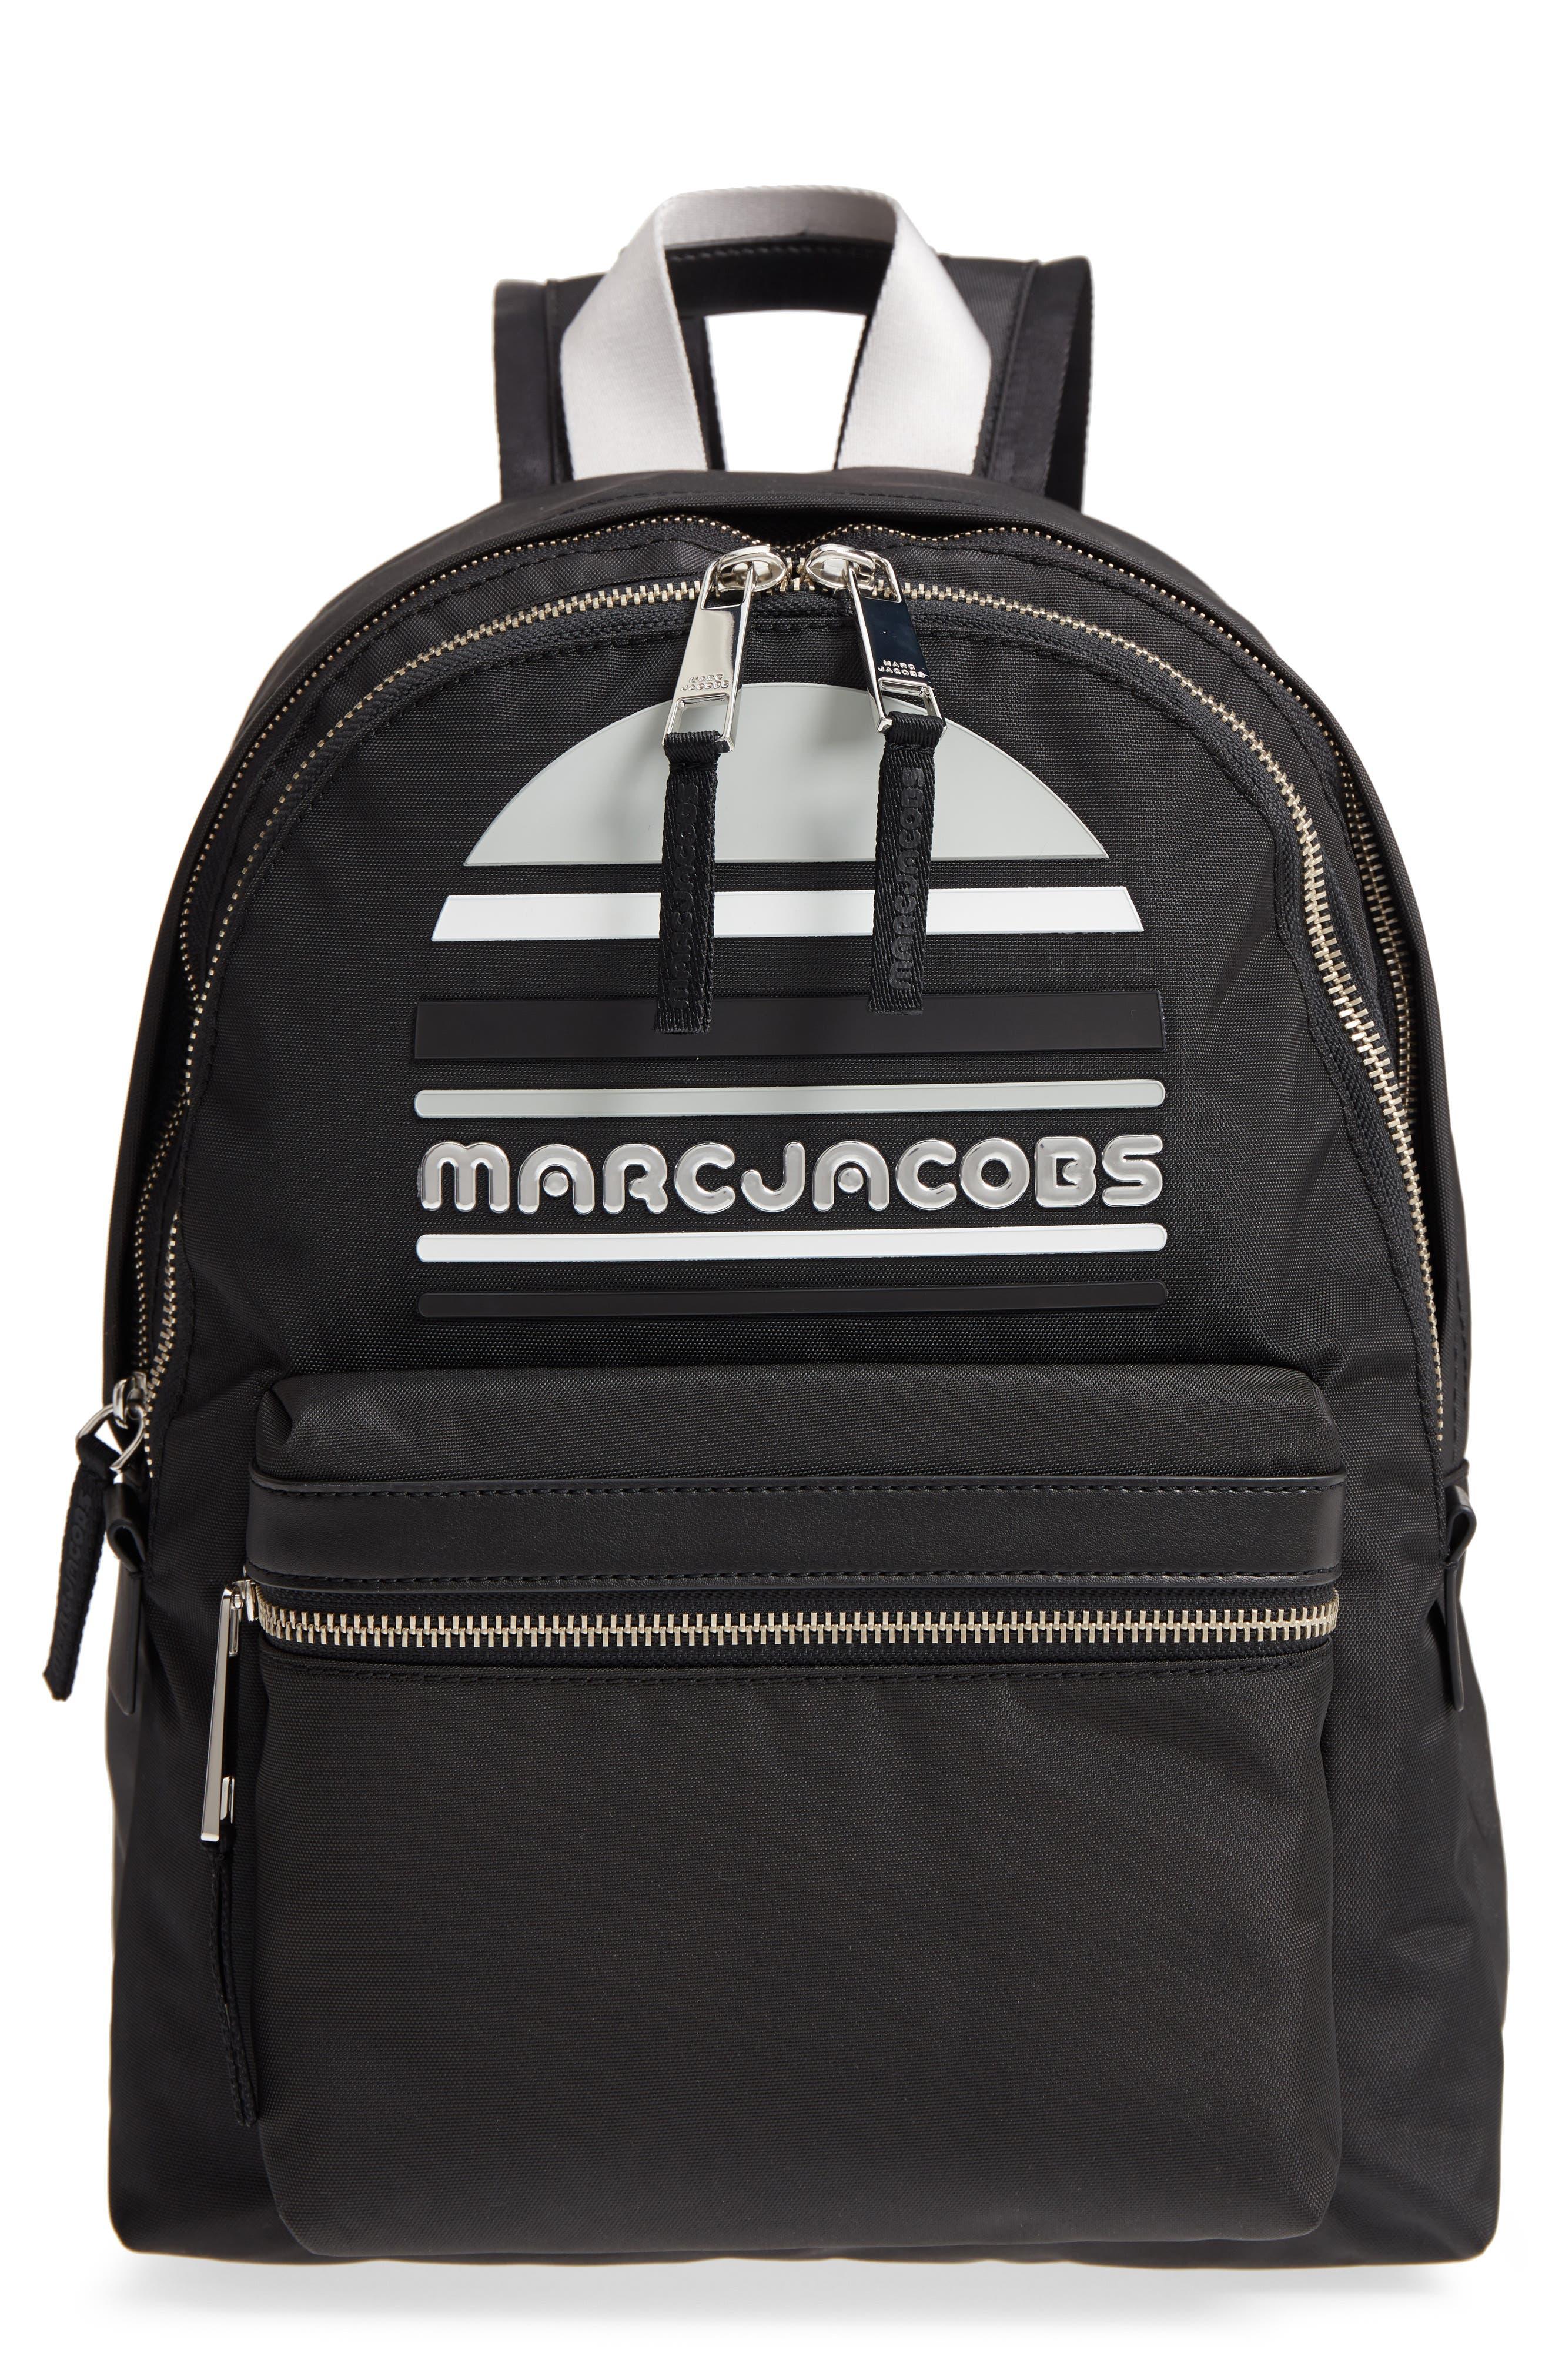 Large Sport Trek Nylon Backpack,                             Main thumbnail 1, color,                             BLACK